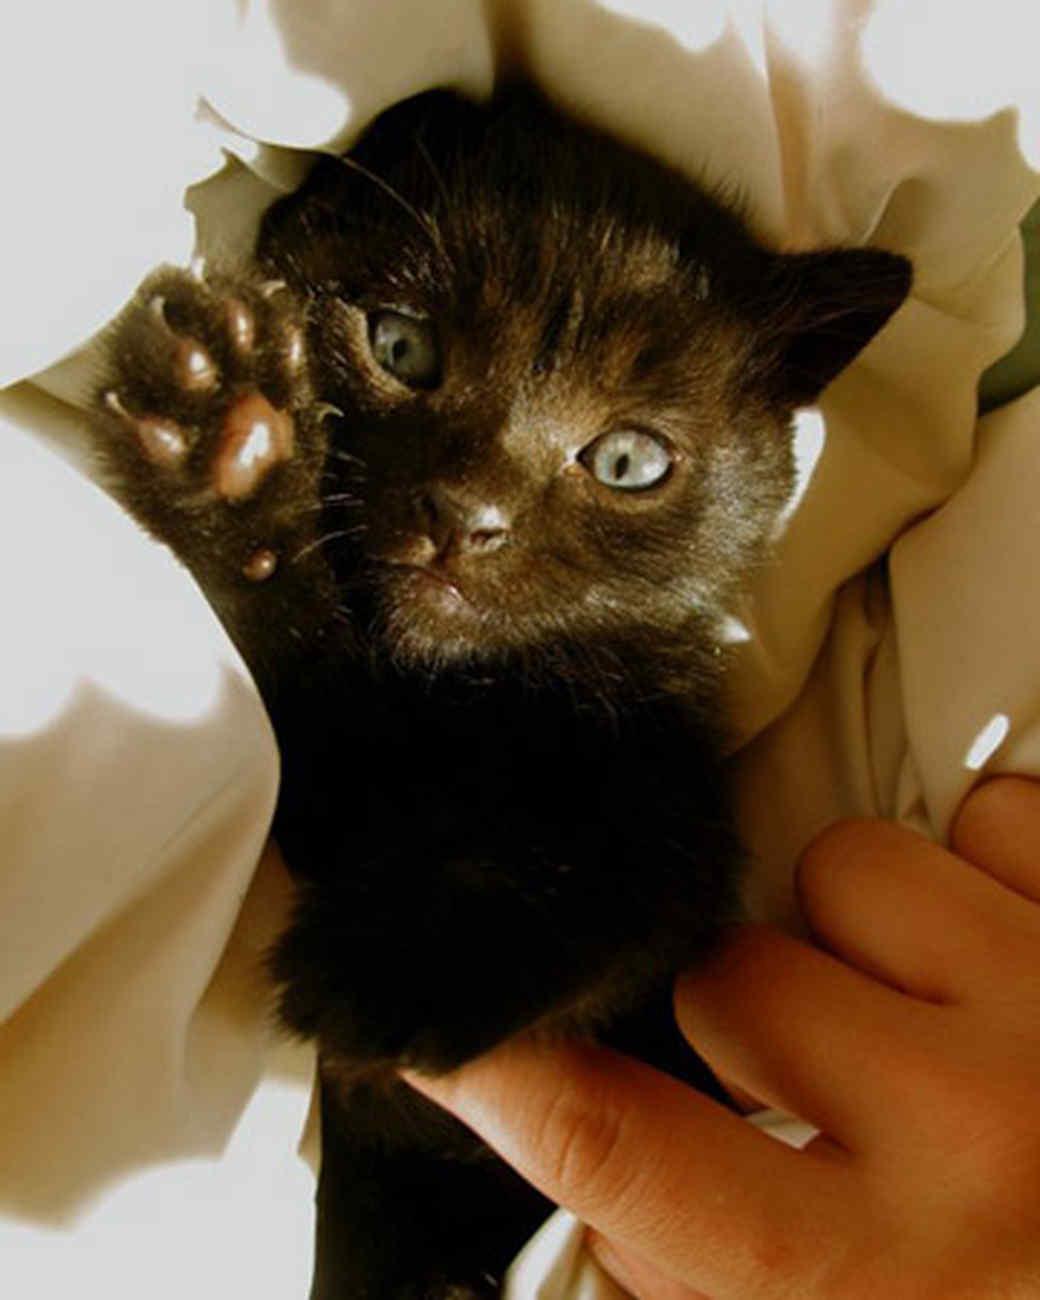 pets_kittens_0610_9608078_23733078.jpg